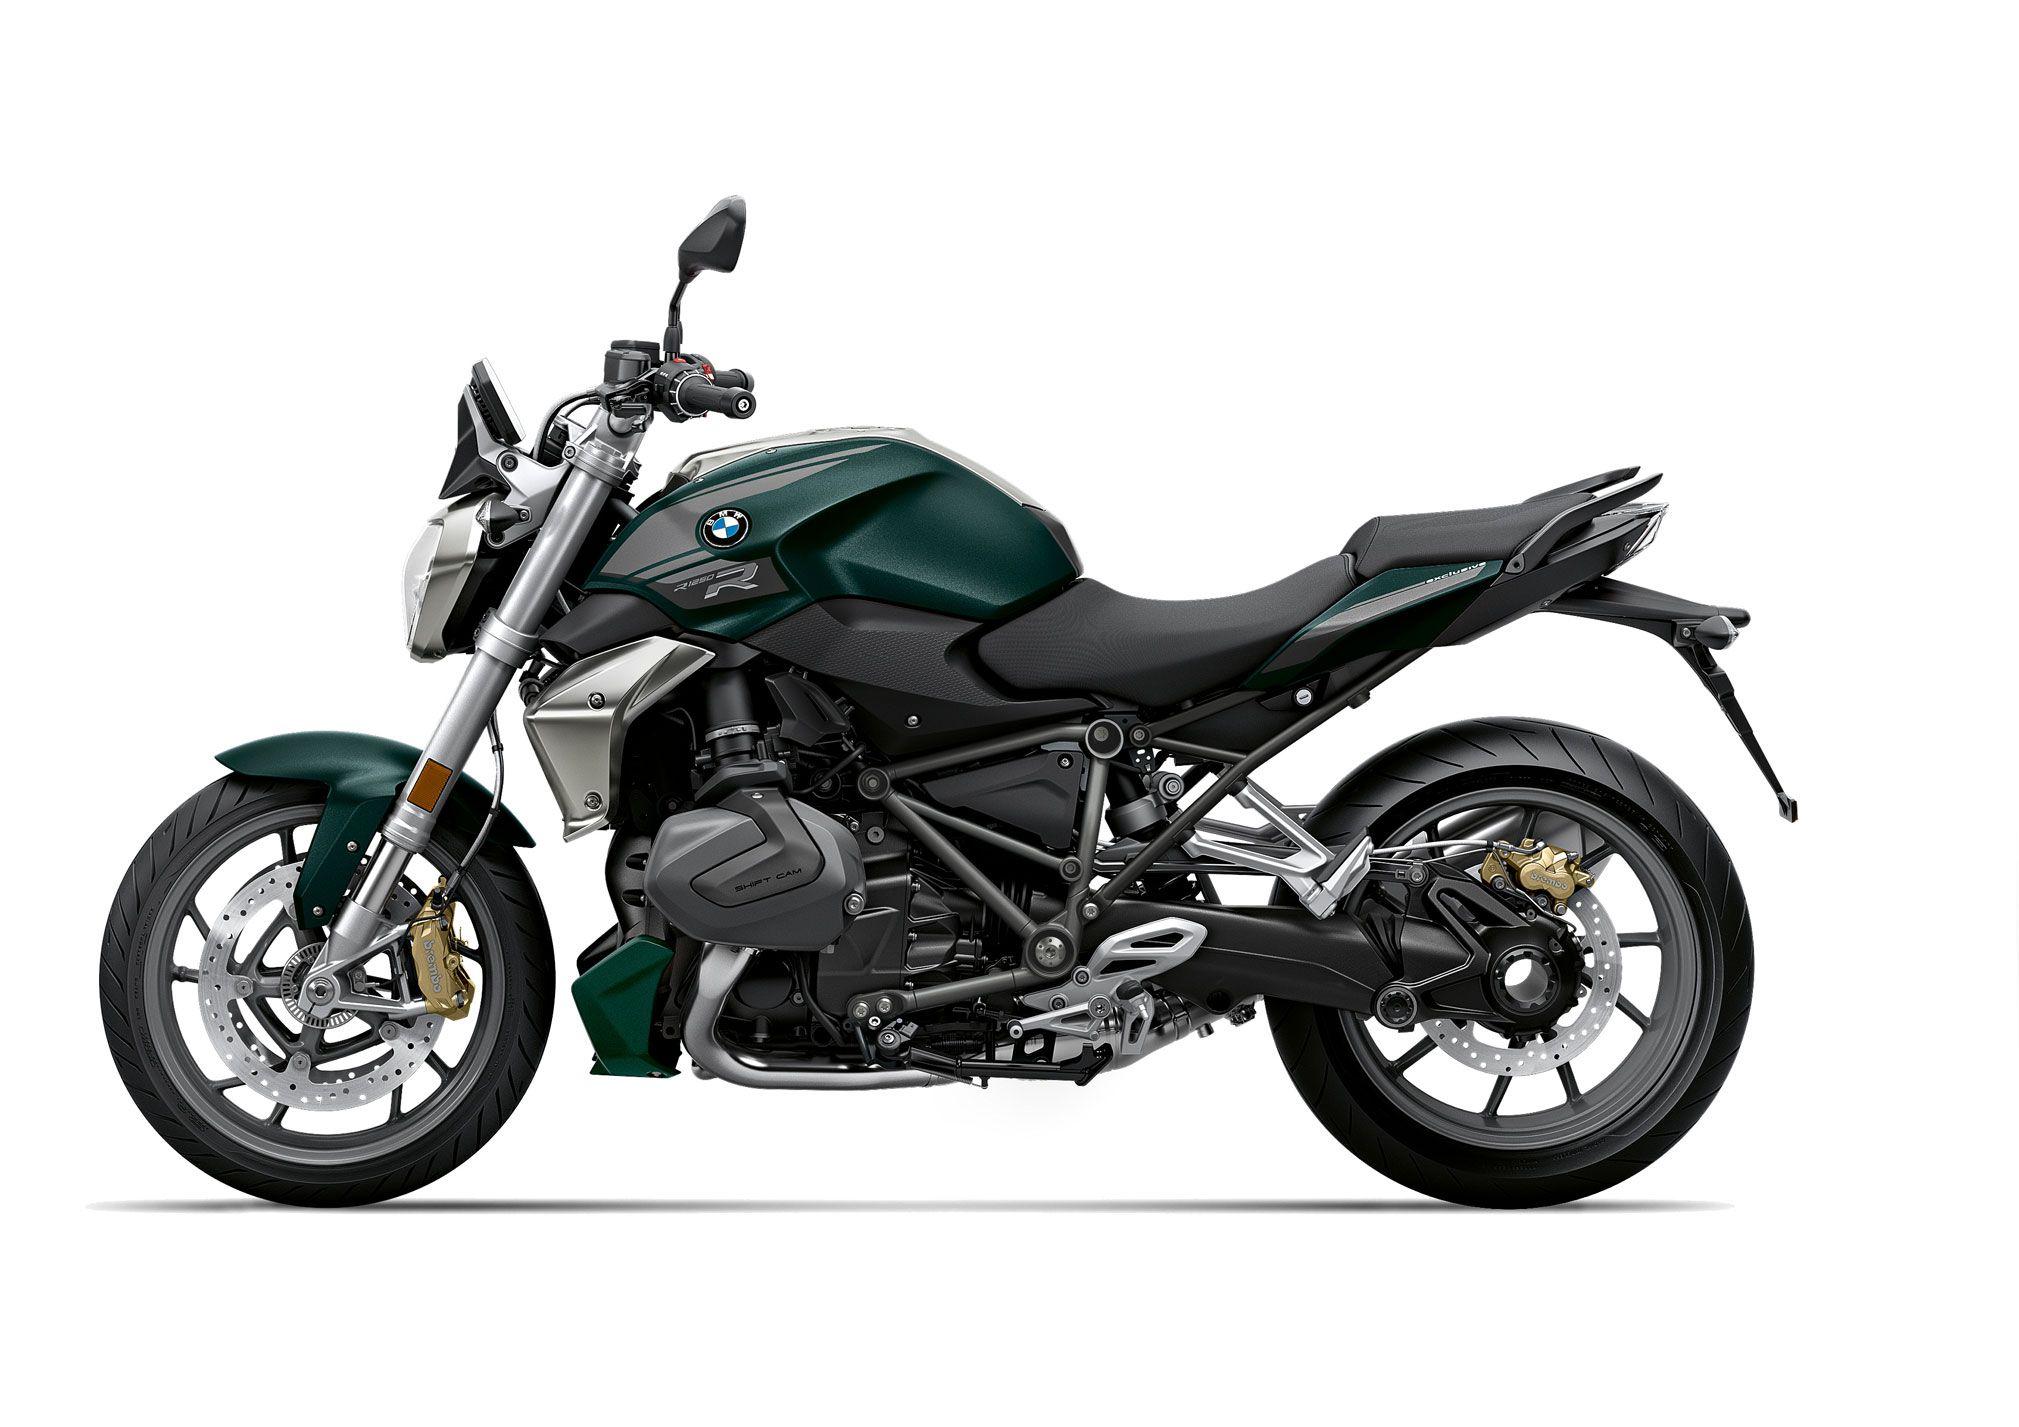 2020 Bmw R1250r Guide In 2020 Bmw Bmw Motorrad Bmw R1200rt